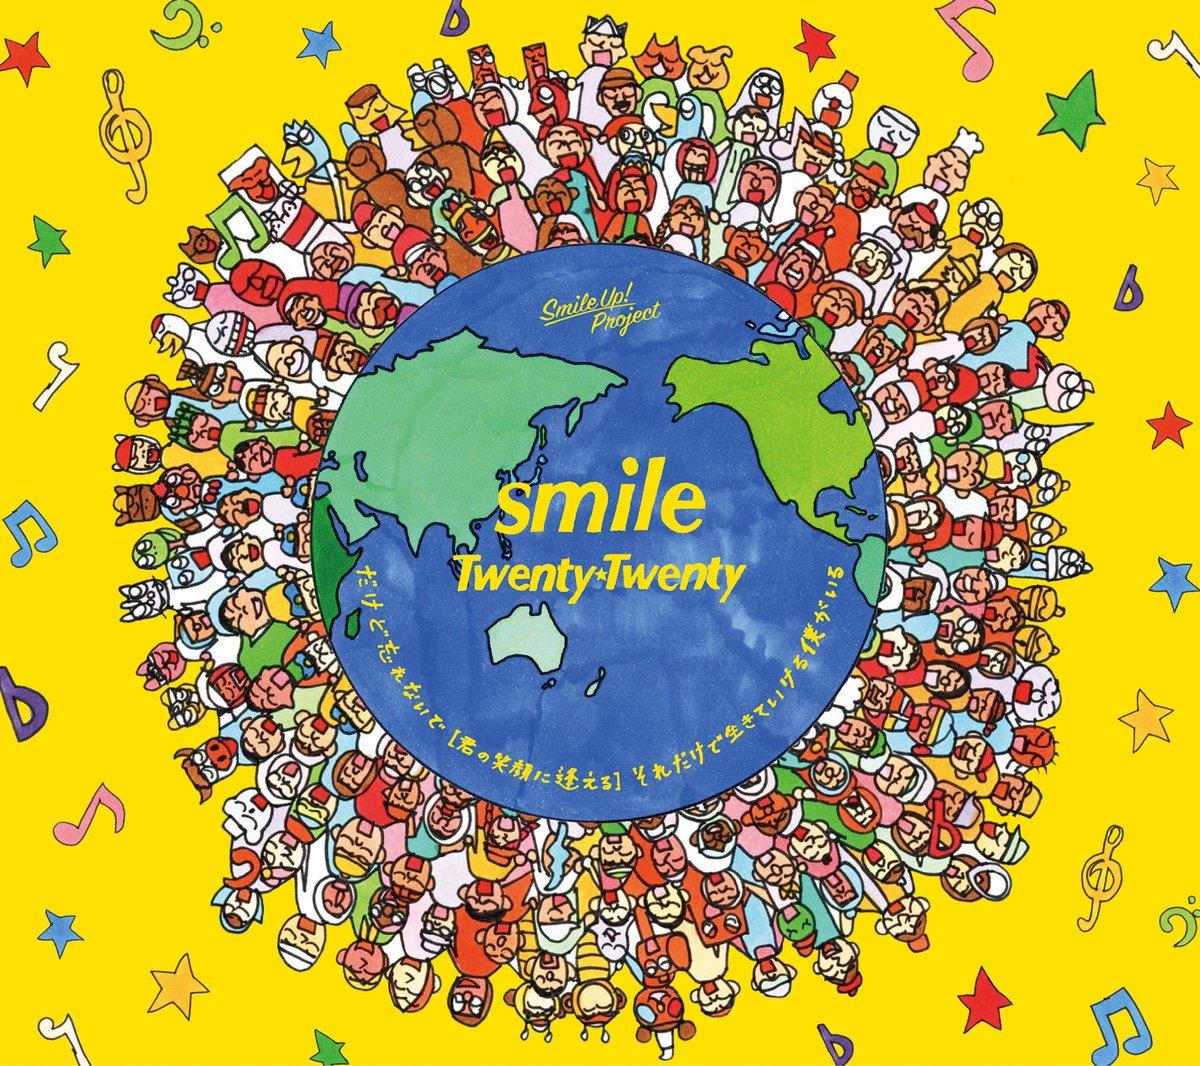 期間限定ユニット「Twenty★Twenty」のチャリティーソング「smile」が本日リリース! 僕たち嵐も参加しているので是非お聞きください! ※本商品の収益は@SmileUp_Project を通じ、医療対策支援に役立たせていただきます。  #嵐 #ARASHI